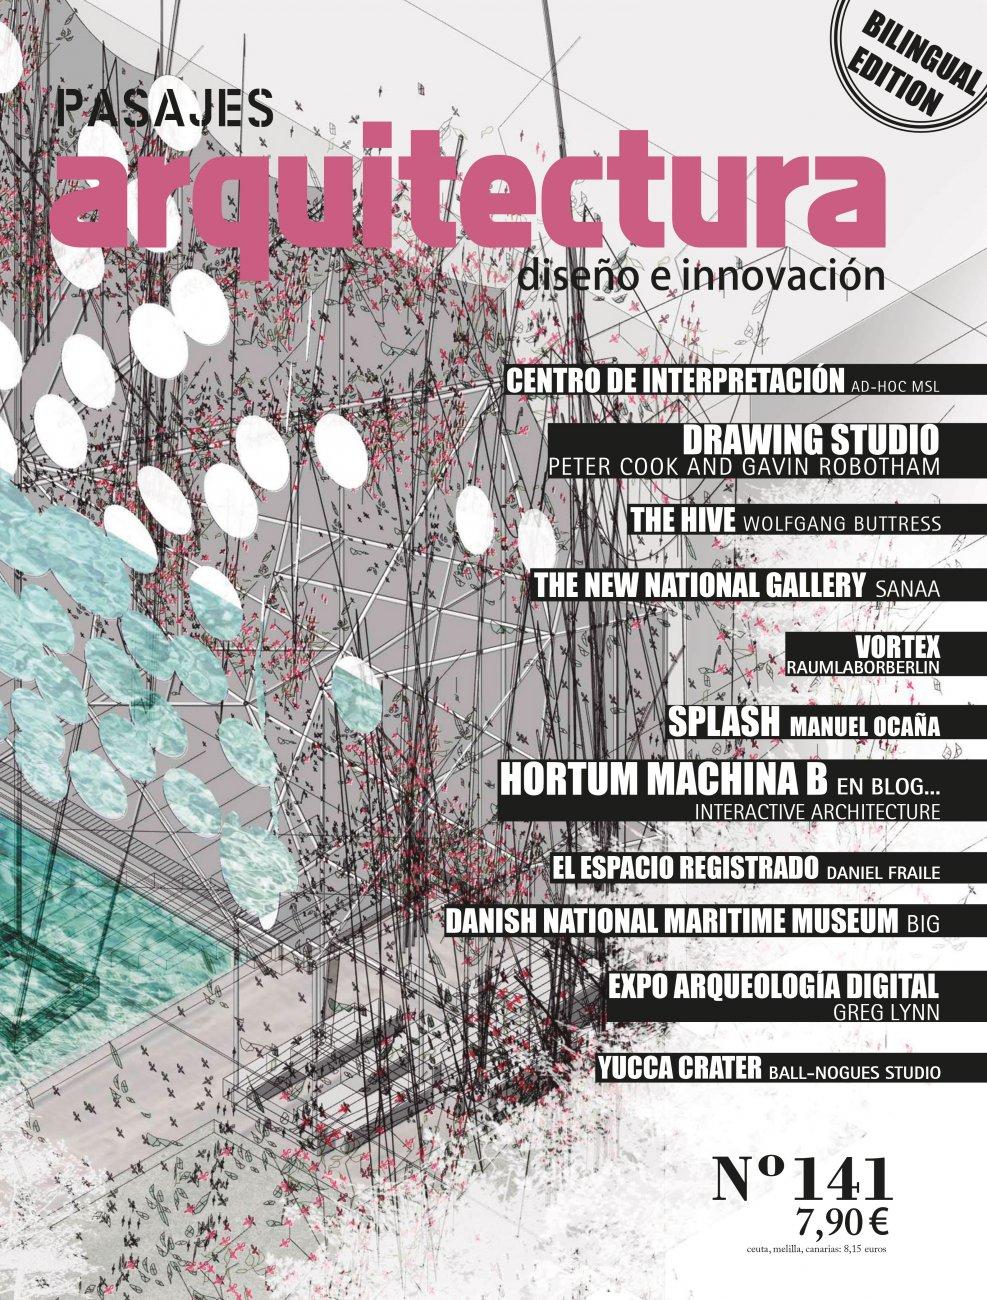 Pasajes Arquitectura - diseño e innovación - N°141 / octobre 2016 / Pasajes Arquitectura